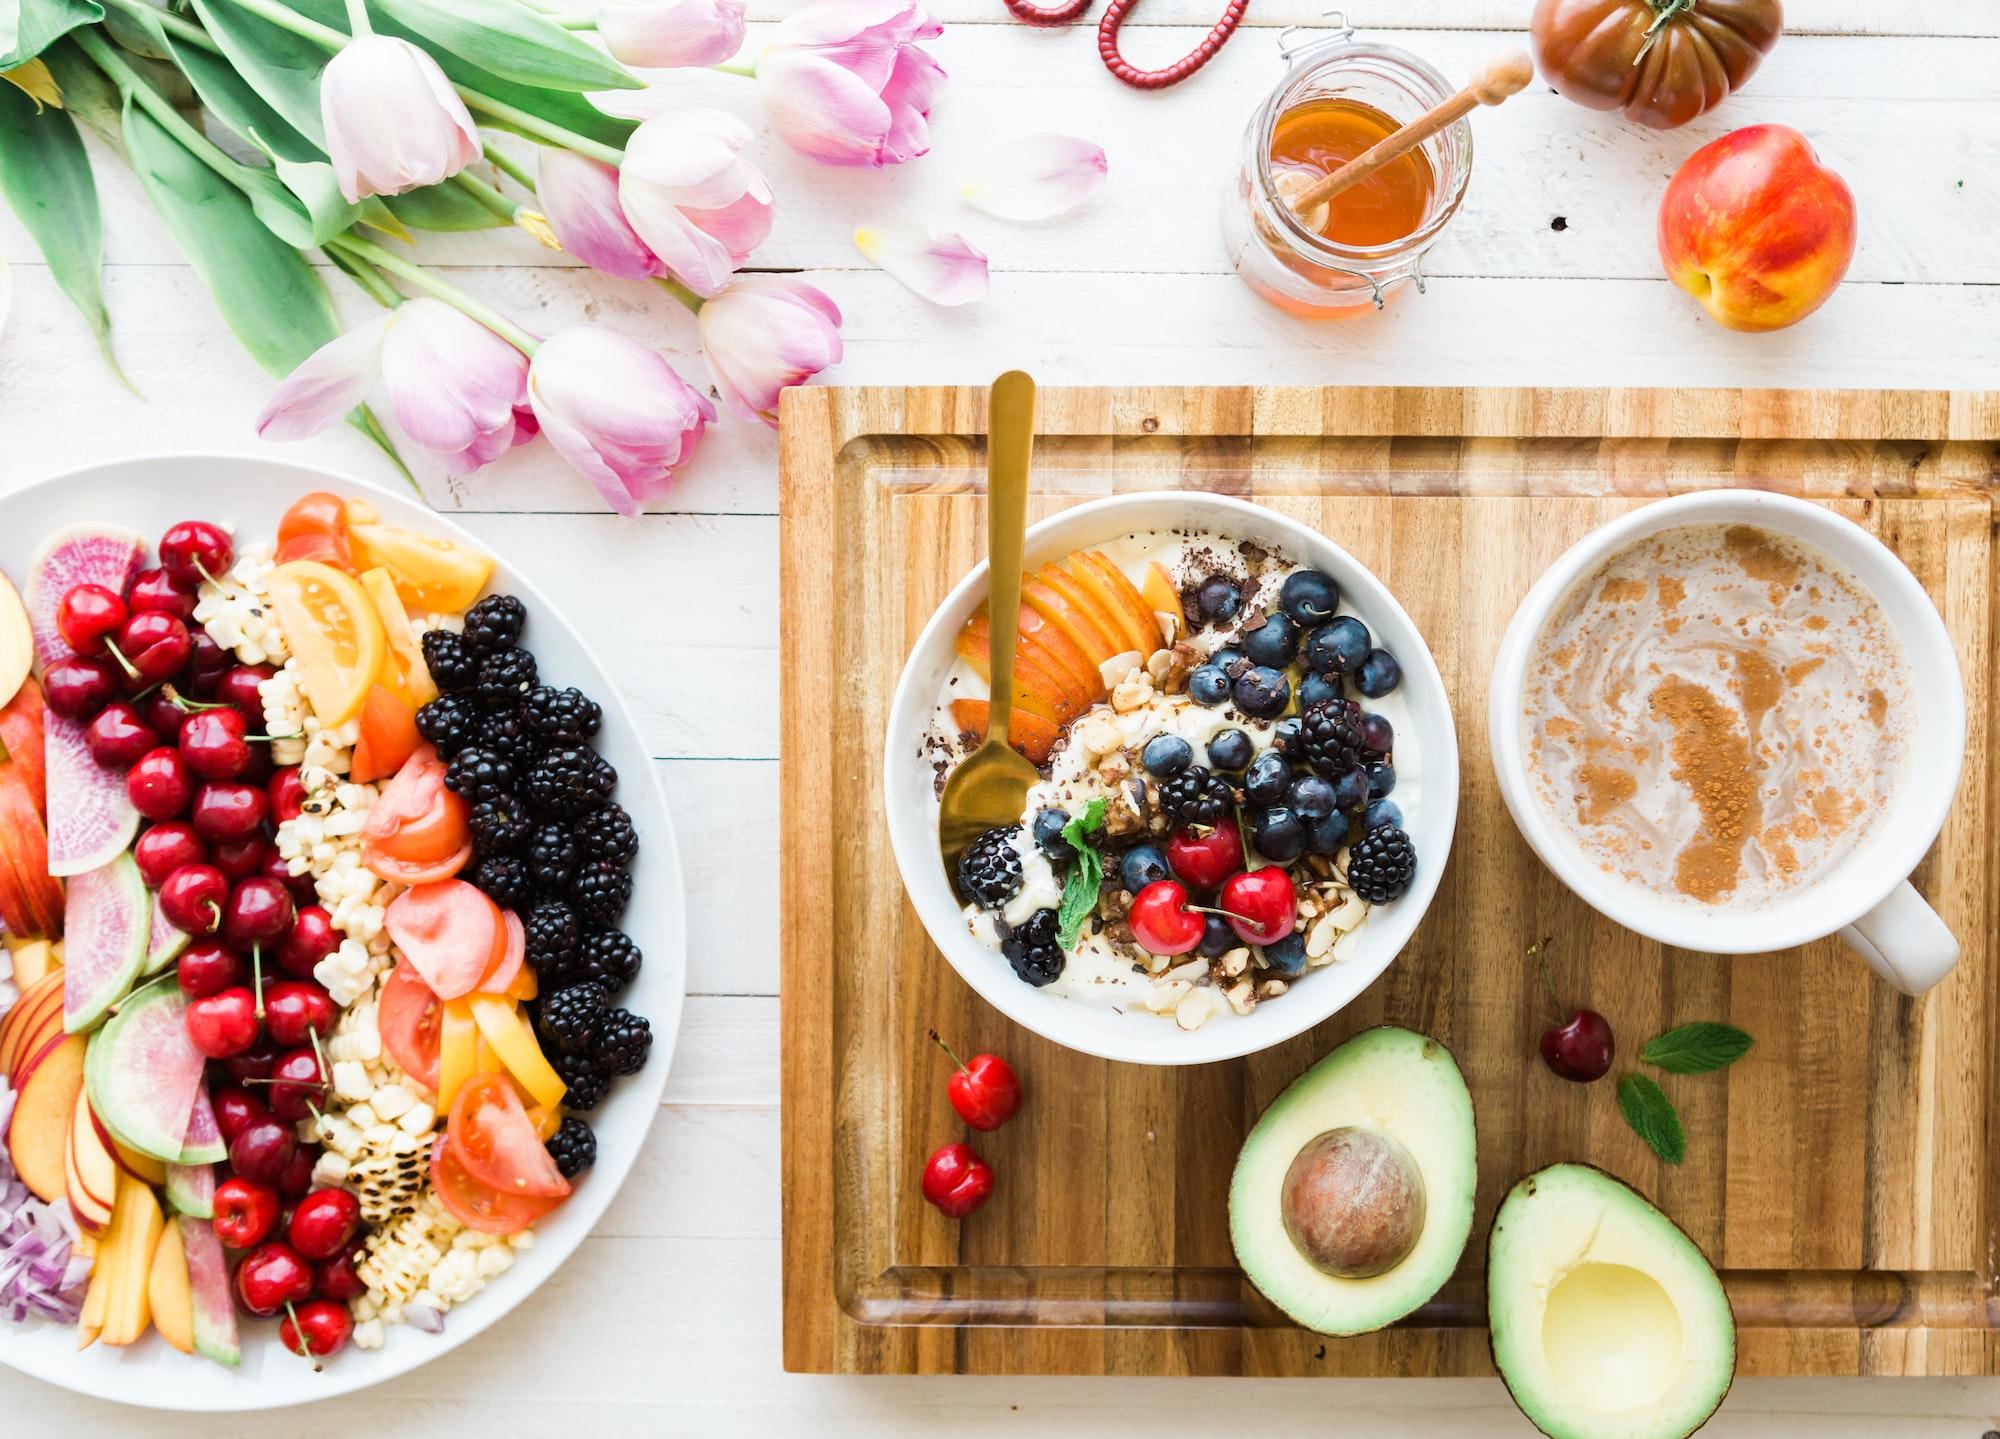 과일 디저트는 과연 몸에 좋을까?